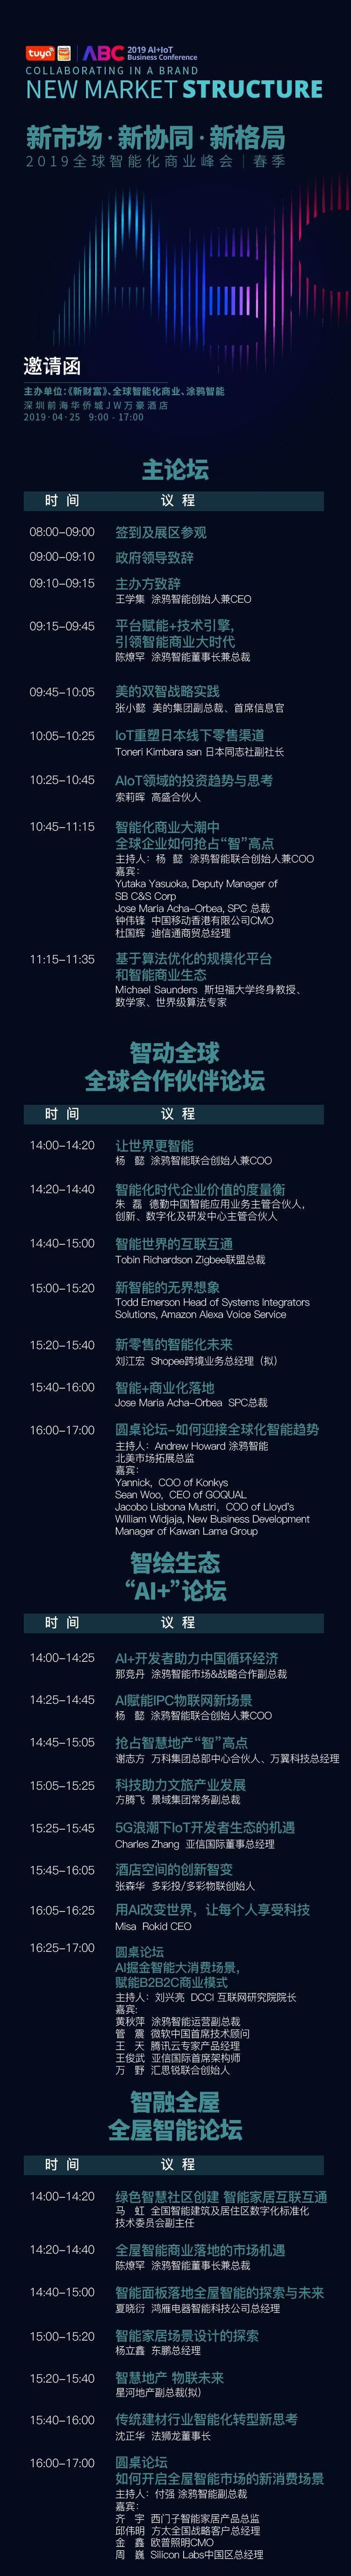 4.25深圳活动行长图.png